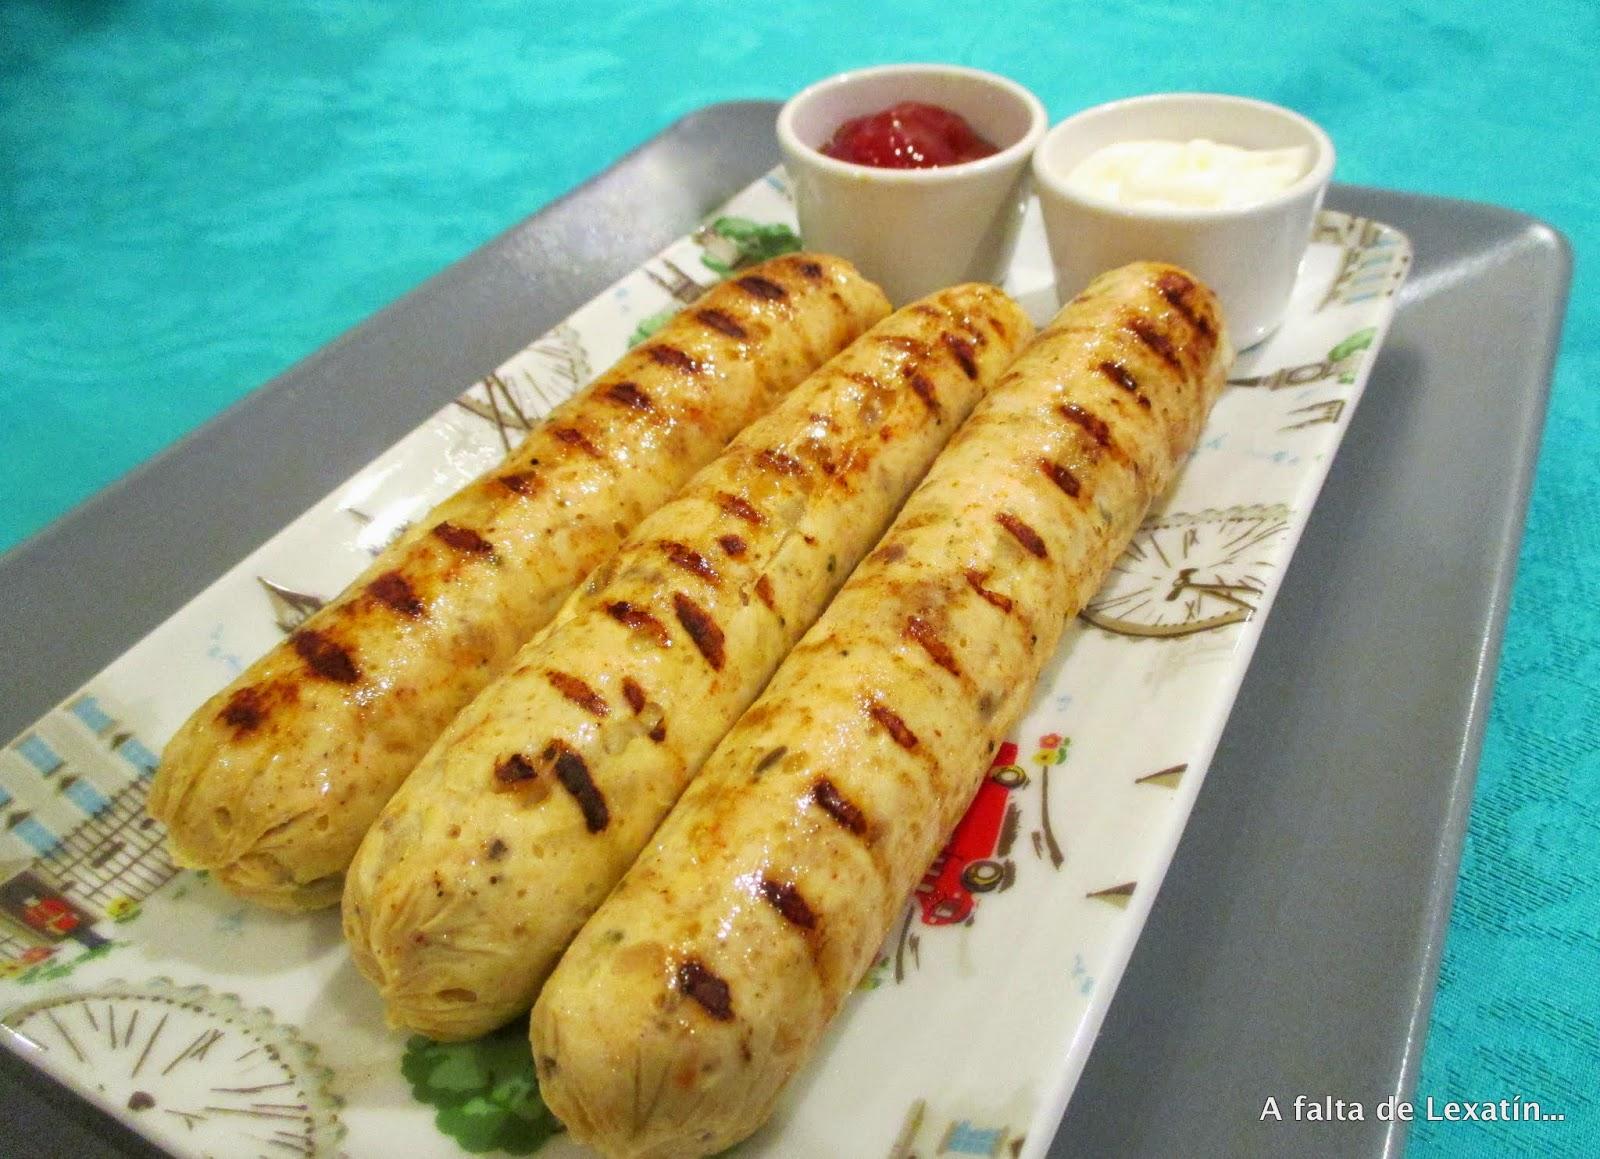 ¿Te animas a hacer tus propias salchichas caseras de pollo y manzana? ¡Toma nota de la receta!